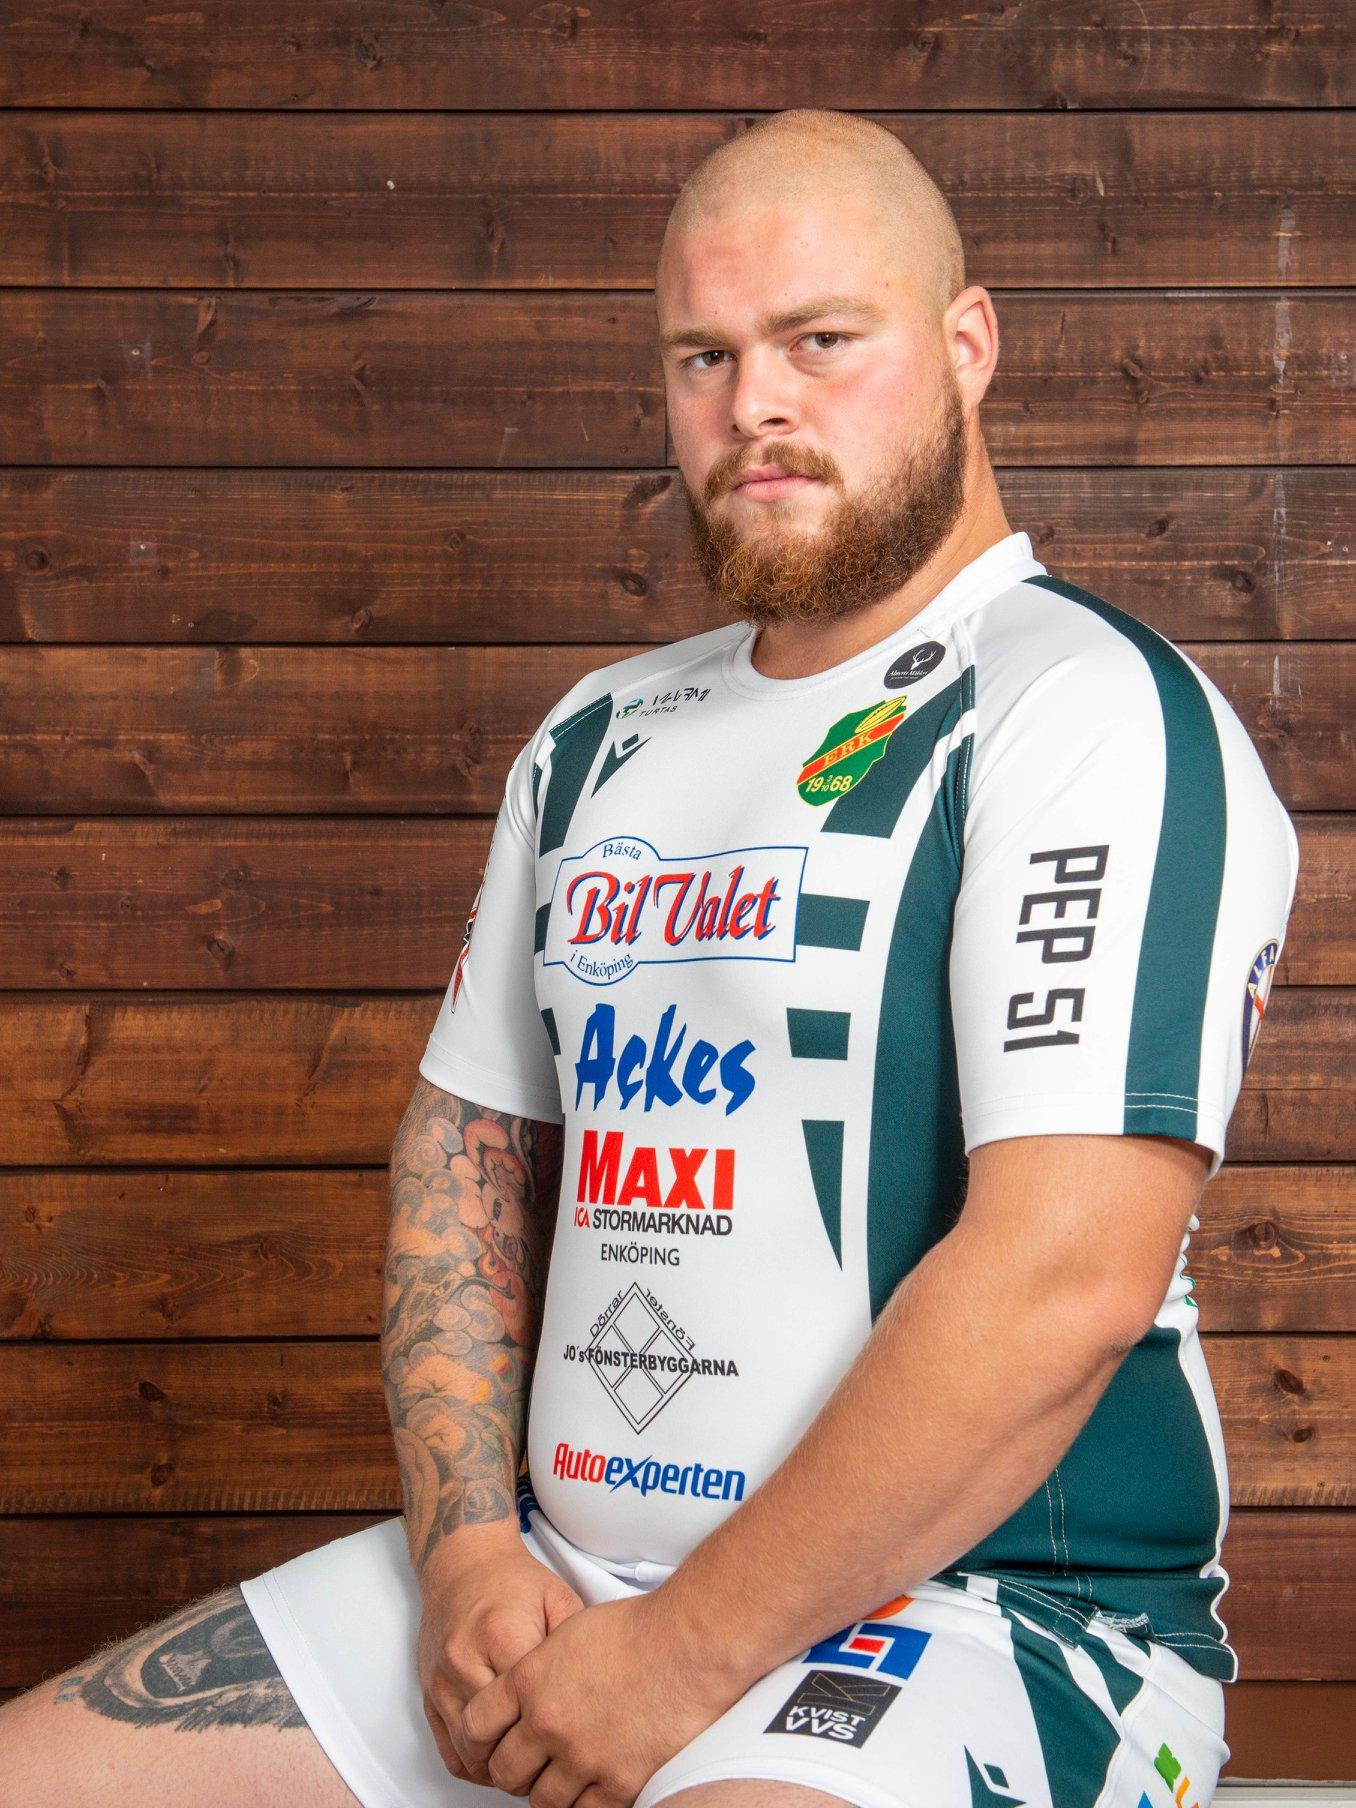 William Olsson